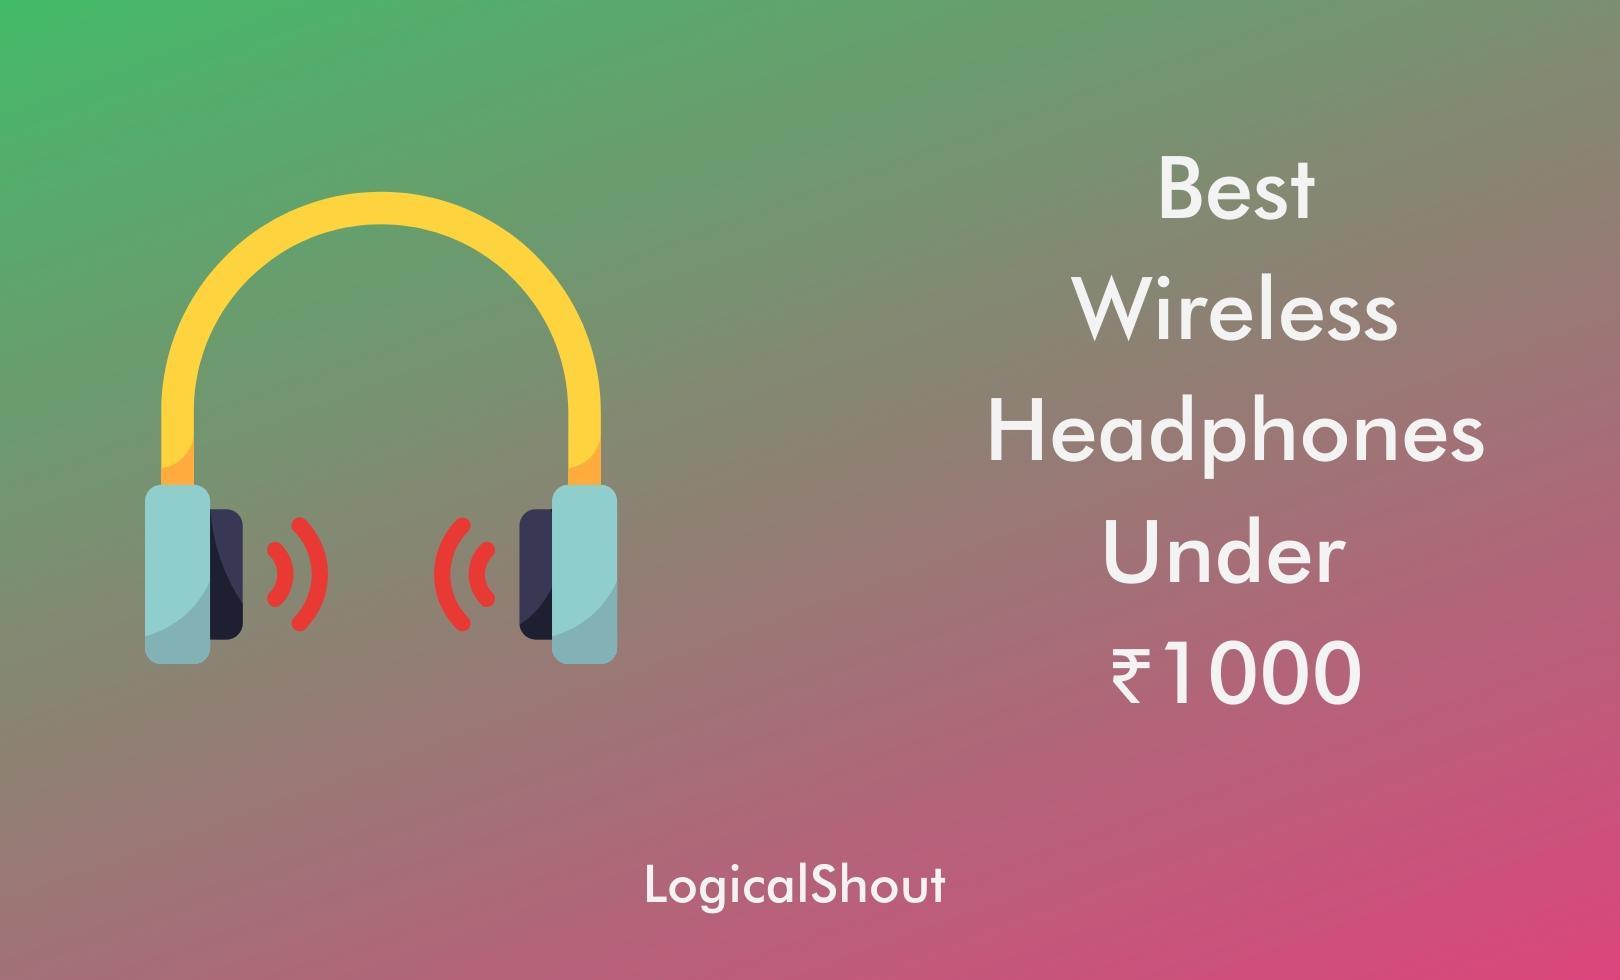 Best Wireless Headphones Under 1000